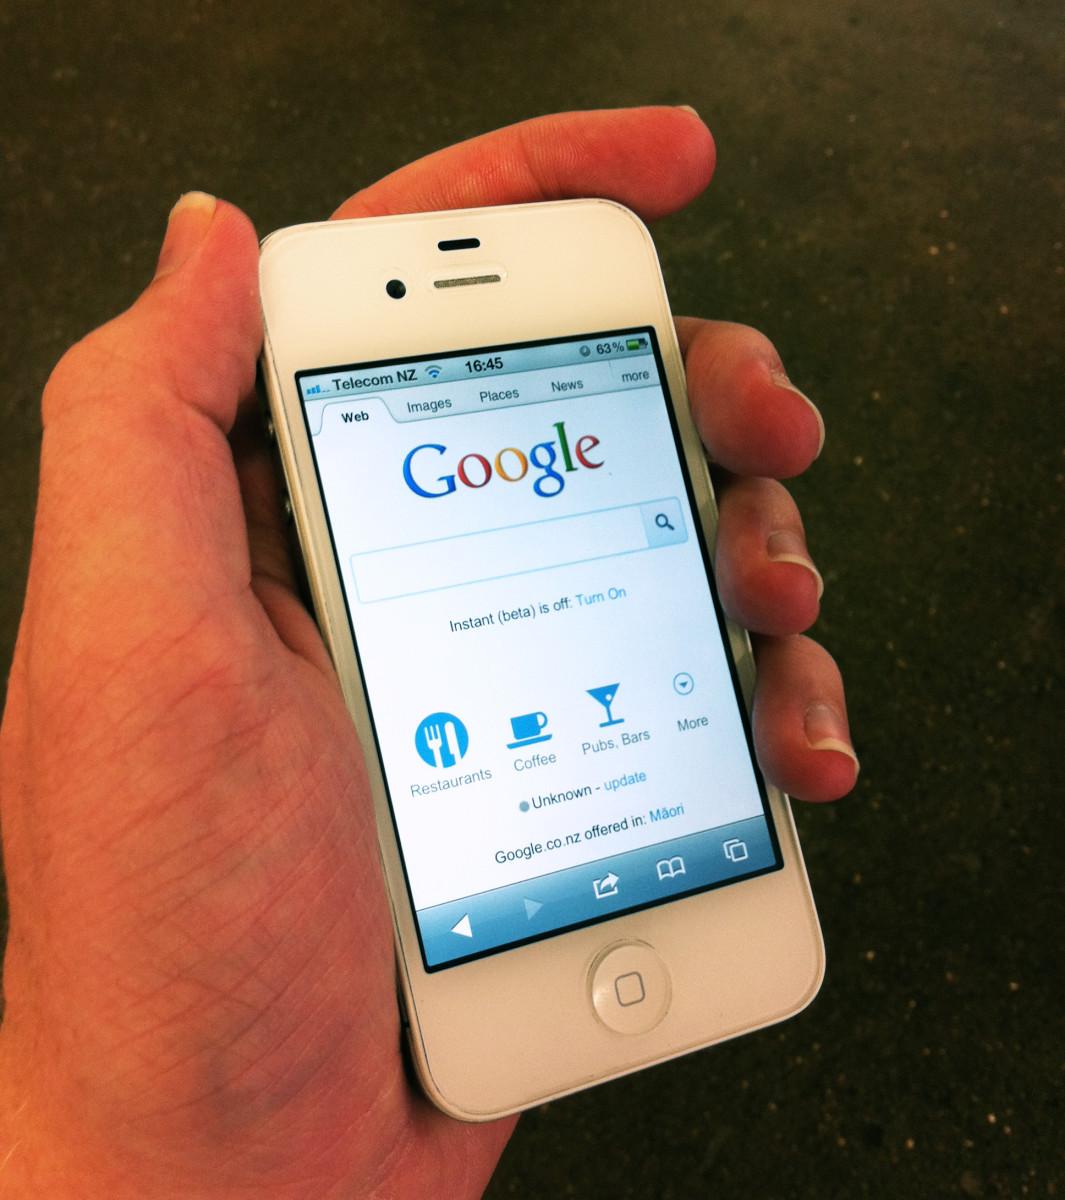 骗子甚至不需要拿到你的手机就可以进行SIM欺诈。